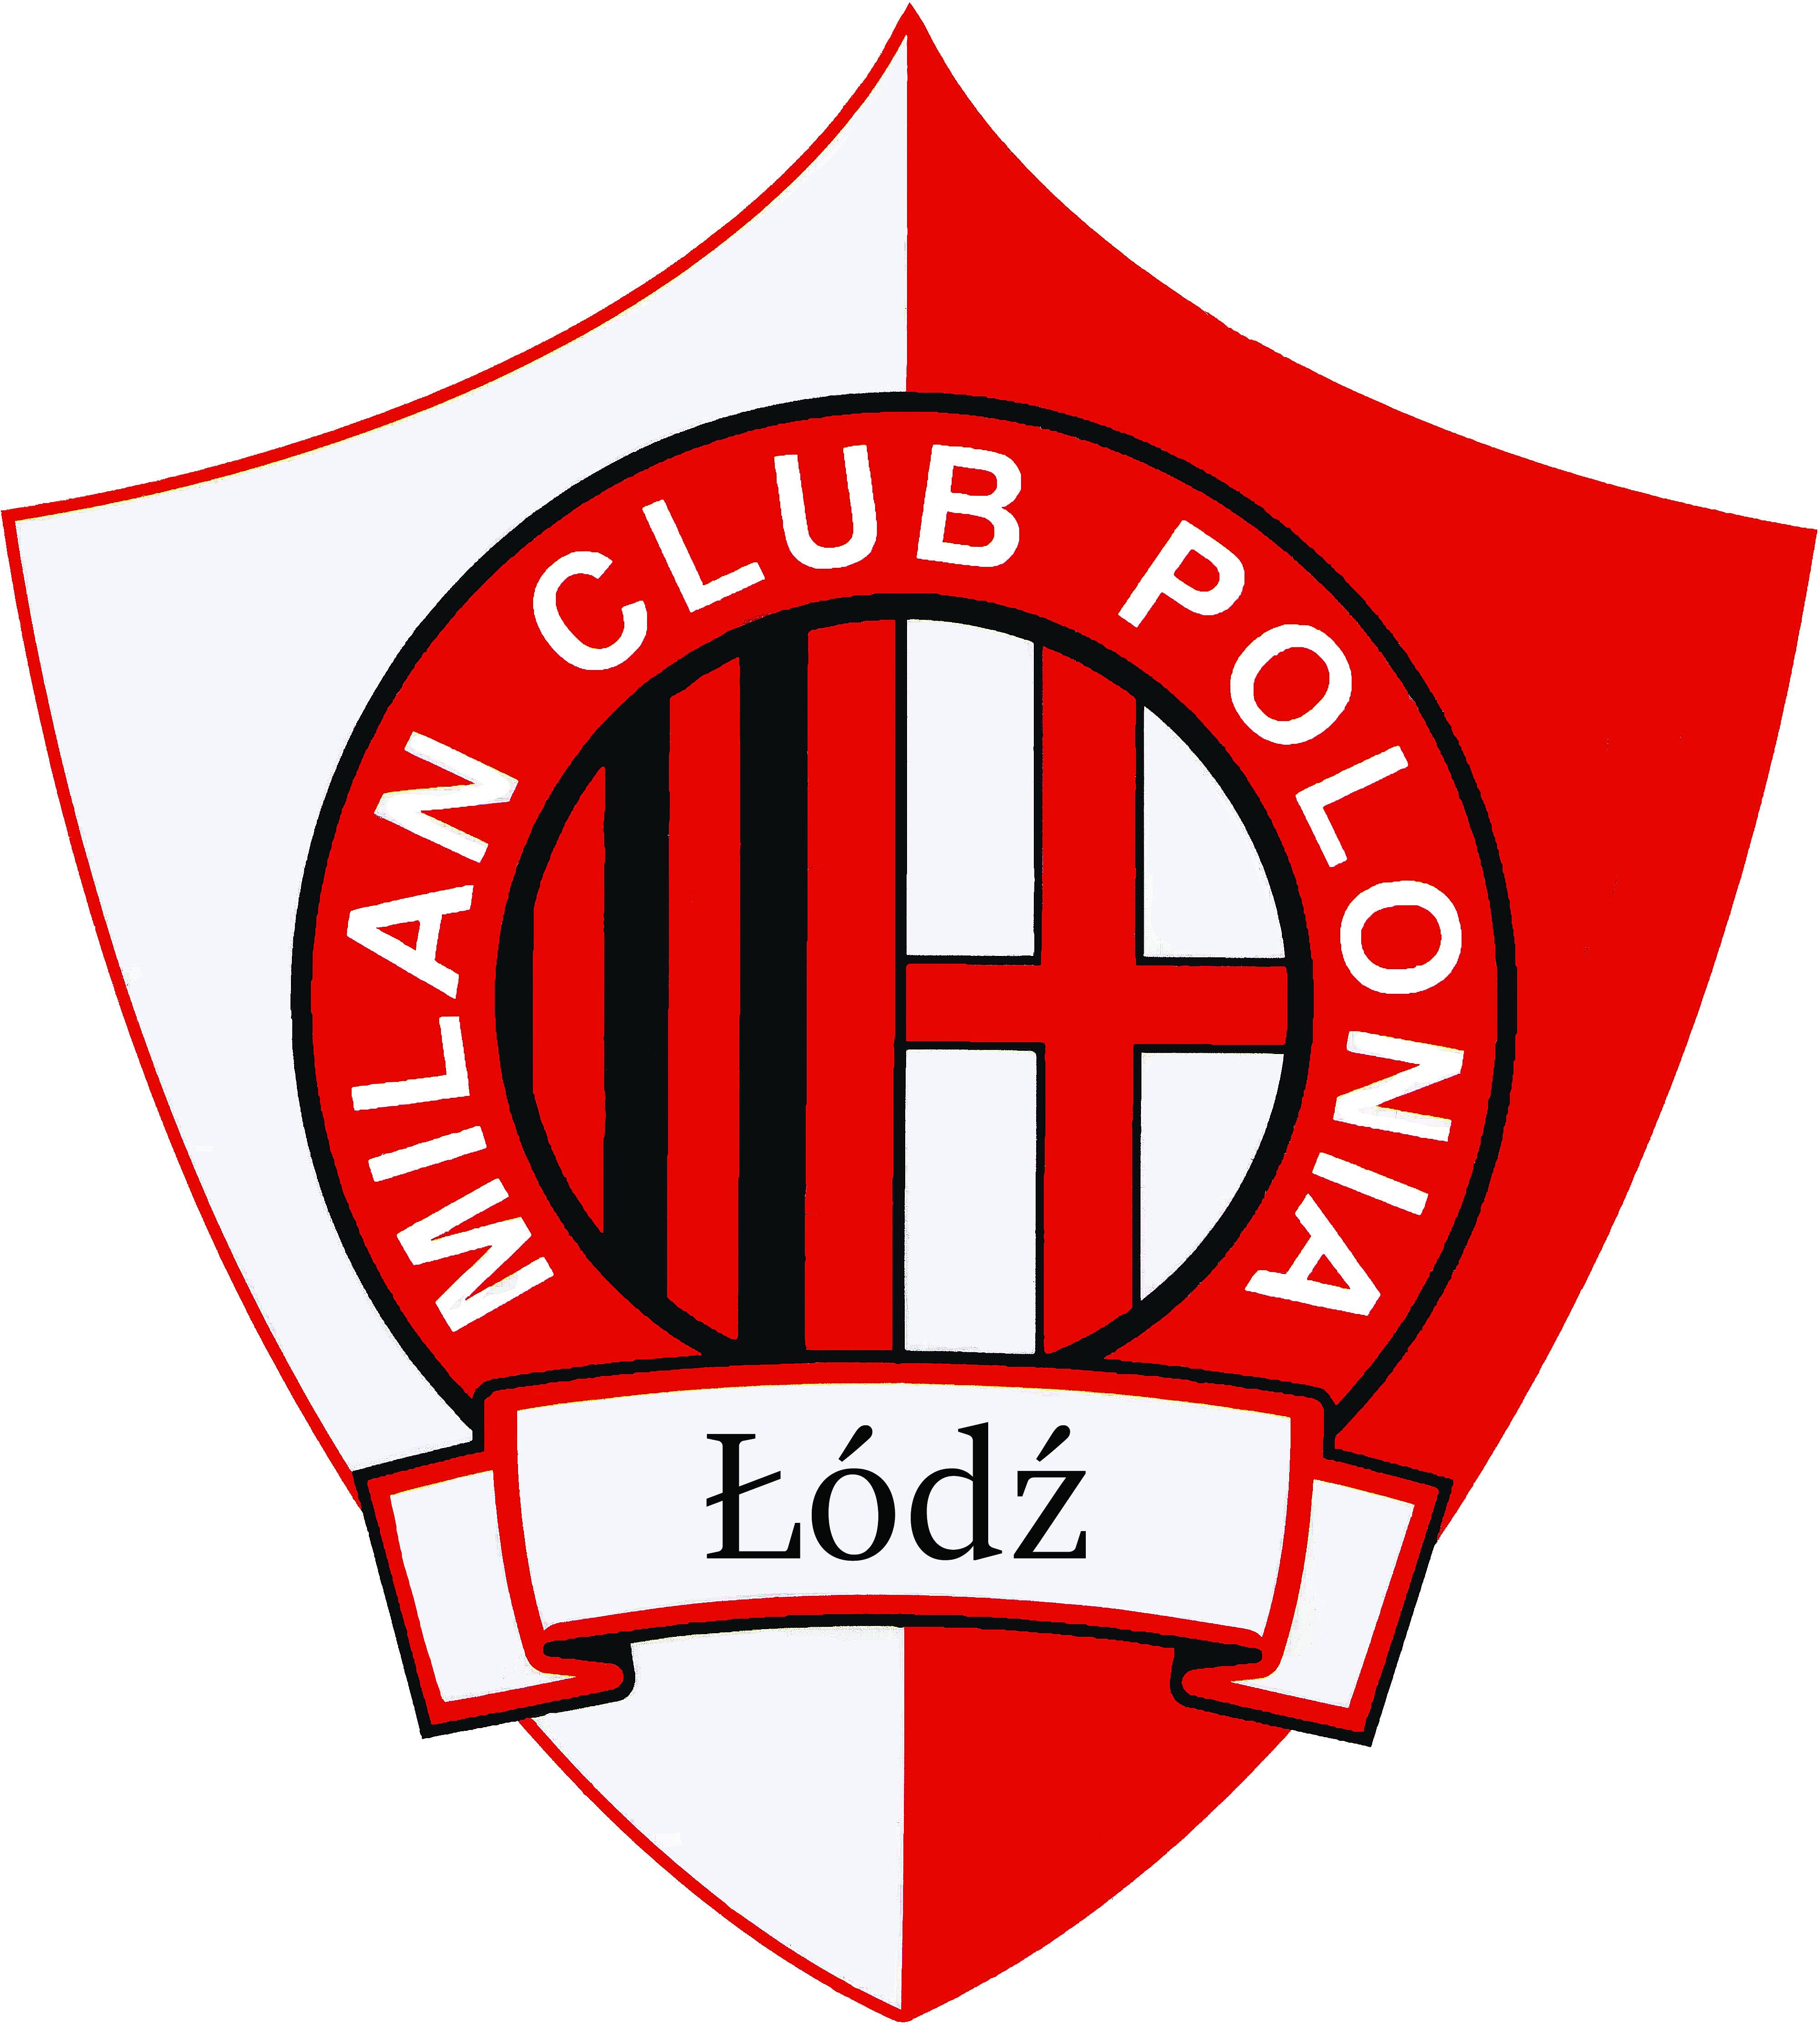 Milan Club Polonia